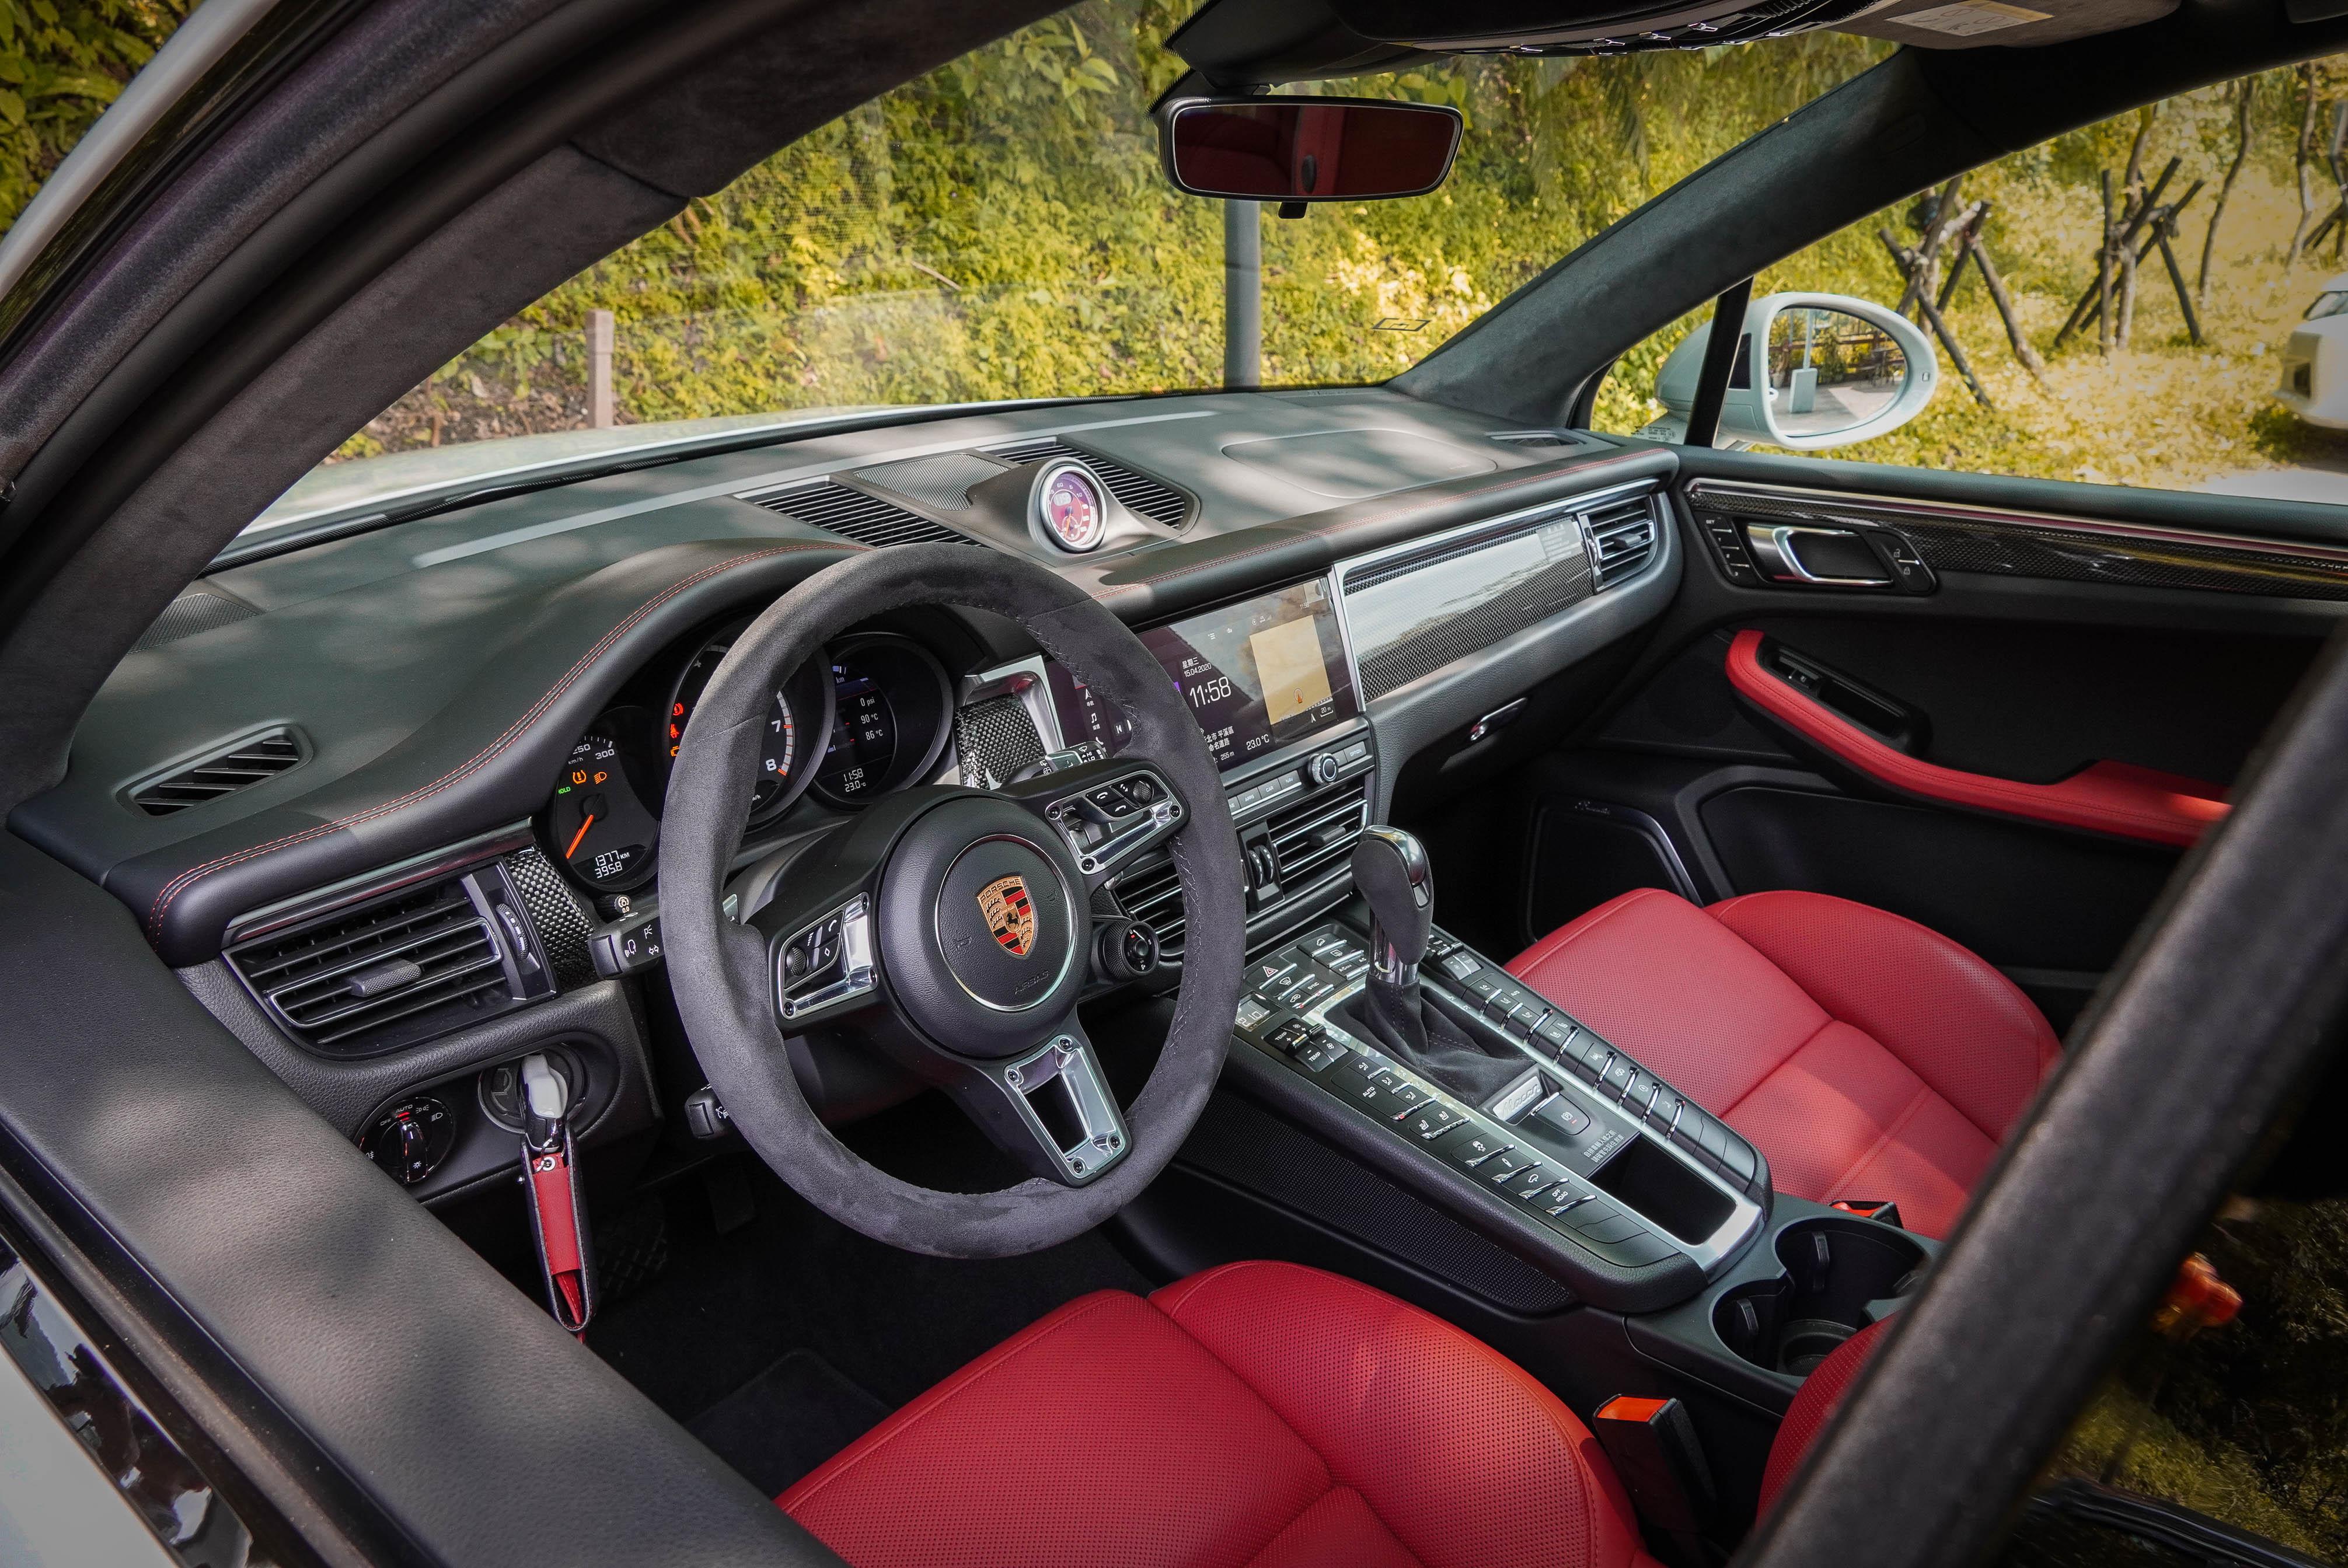 相較於多數 SUV,Macan 與 Cayenne 同樣擁有「戰鬥艙」一般的駕駛座氛圍。